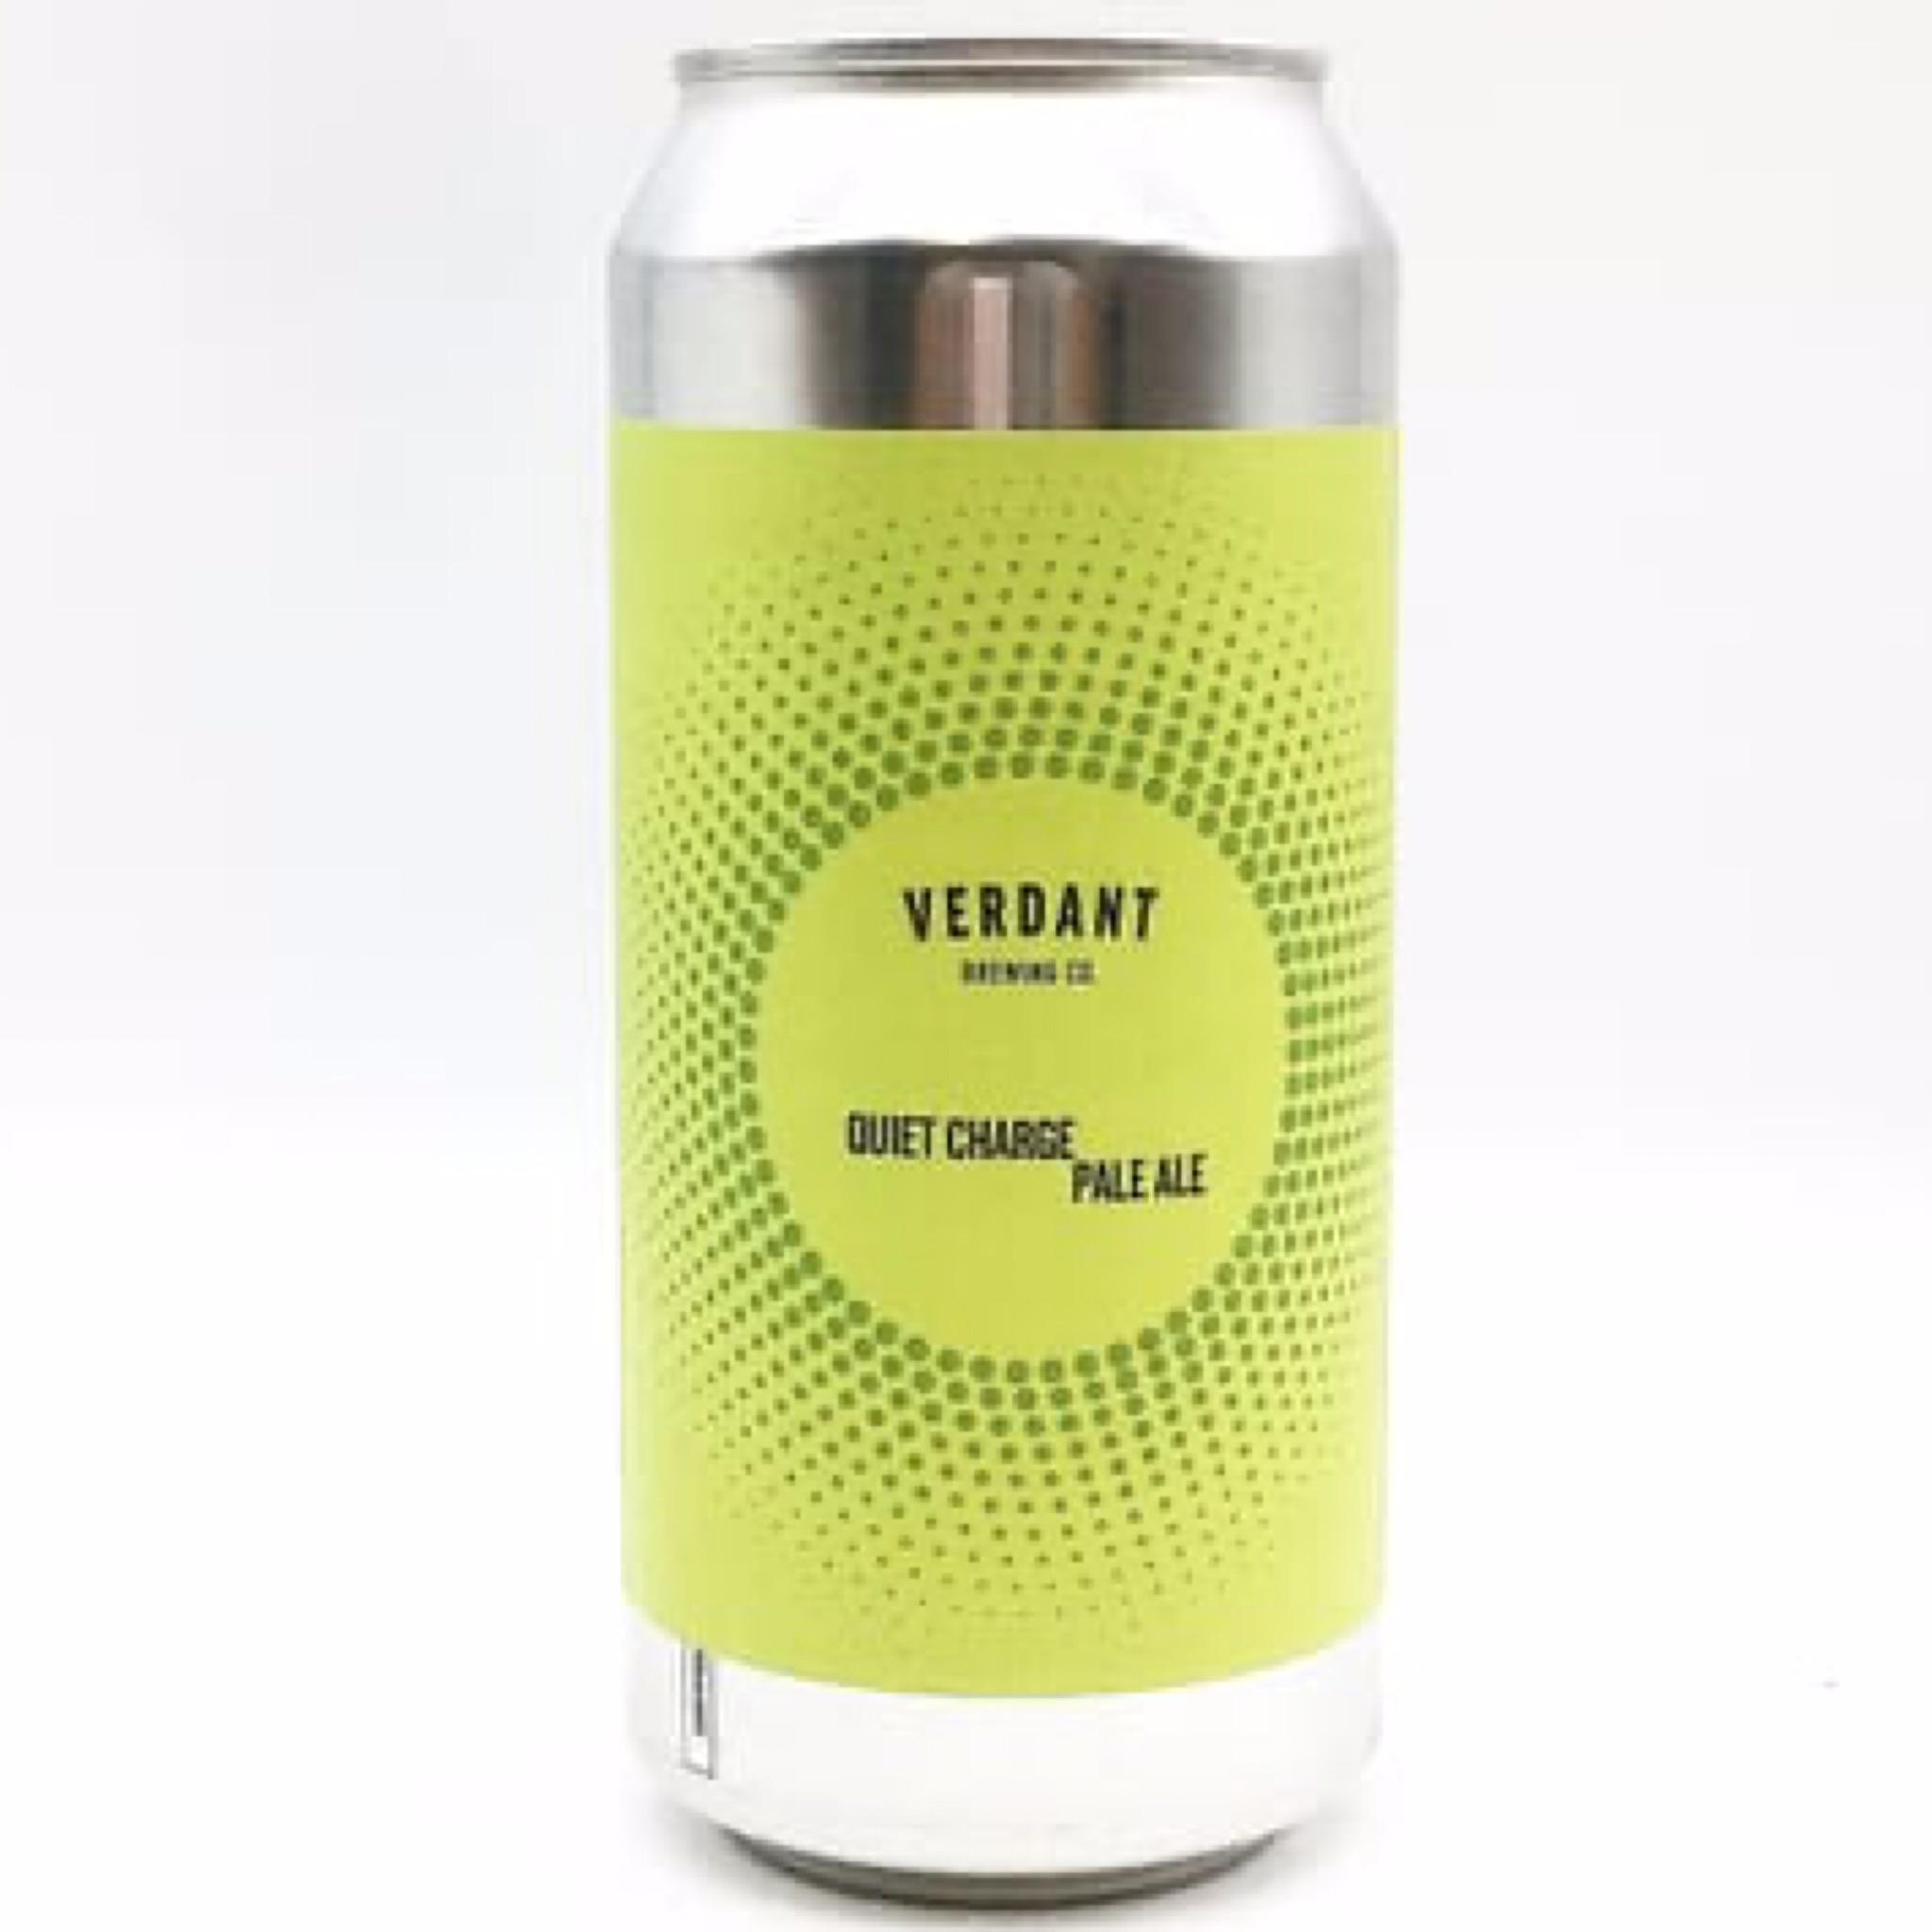 Quiet Charge Pale Ale 4.5% 440ml Verdant Brewing